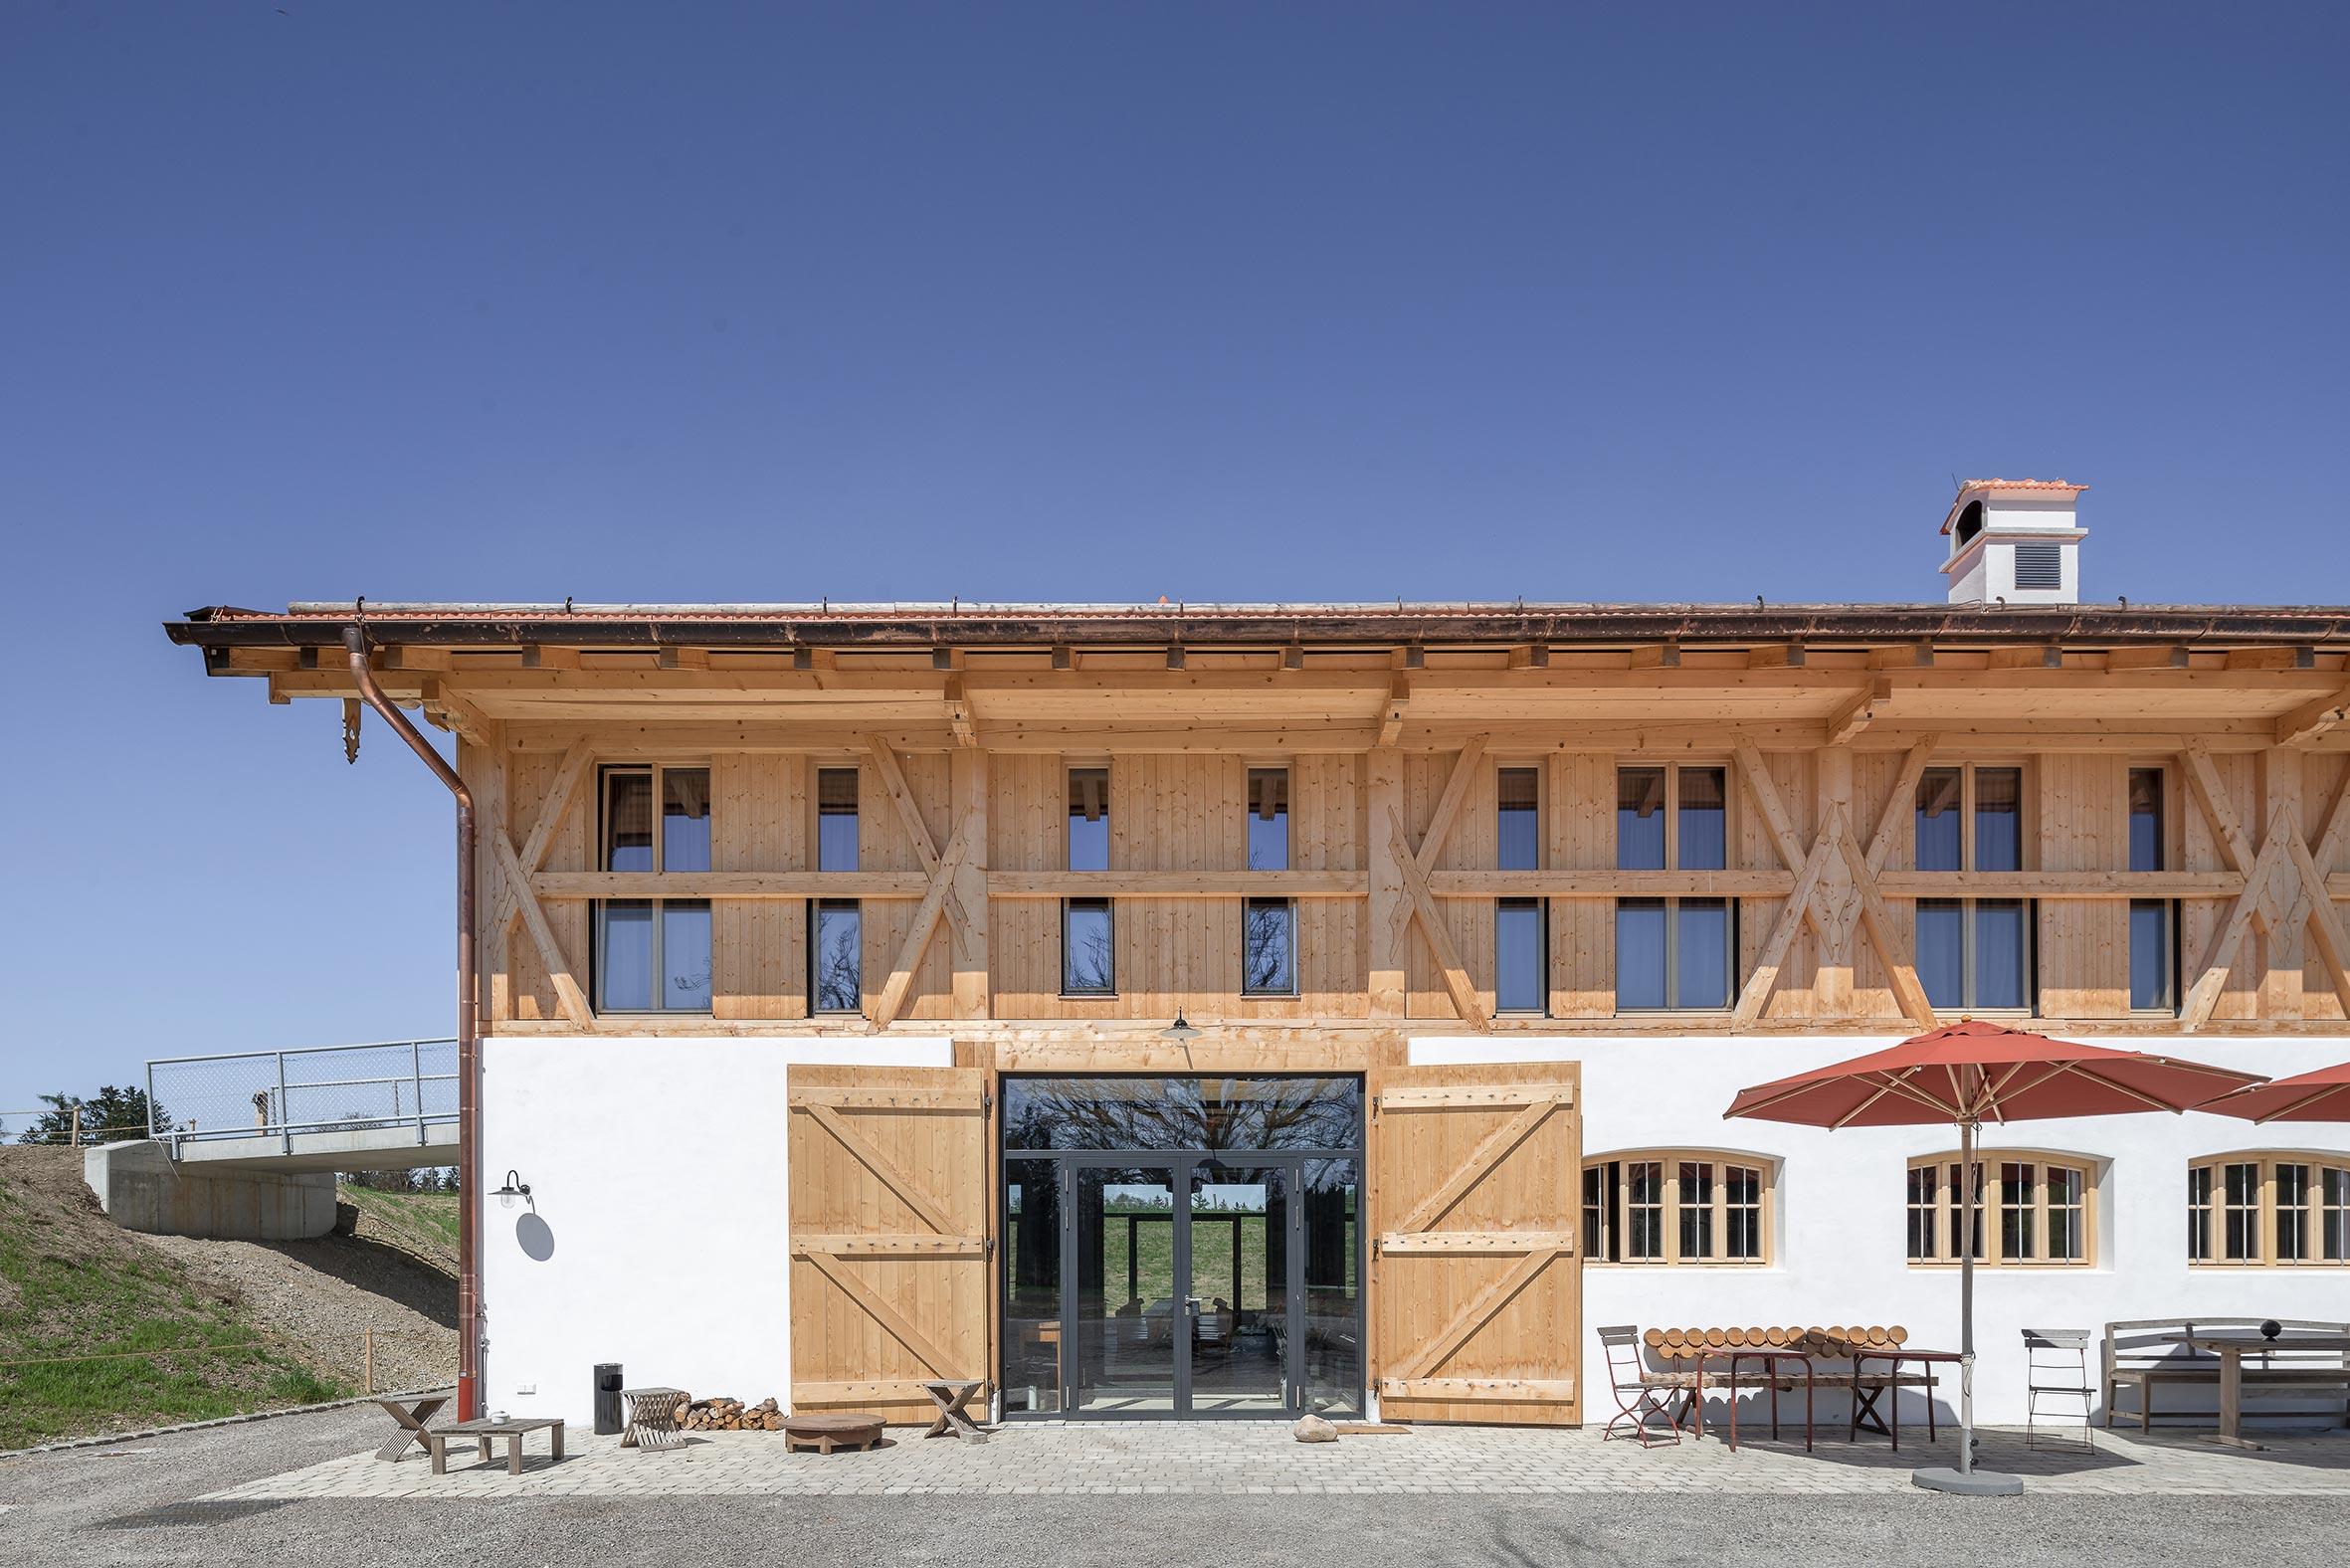 Architekturfotografie Bauernhaus Hotel Gut Sonnenhausen Glonn. Foto: Gerd Schaller / BAUWERK PERSPEKTIVEN